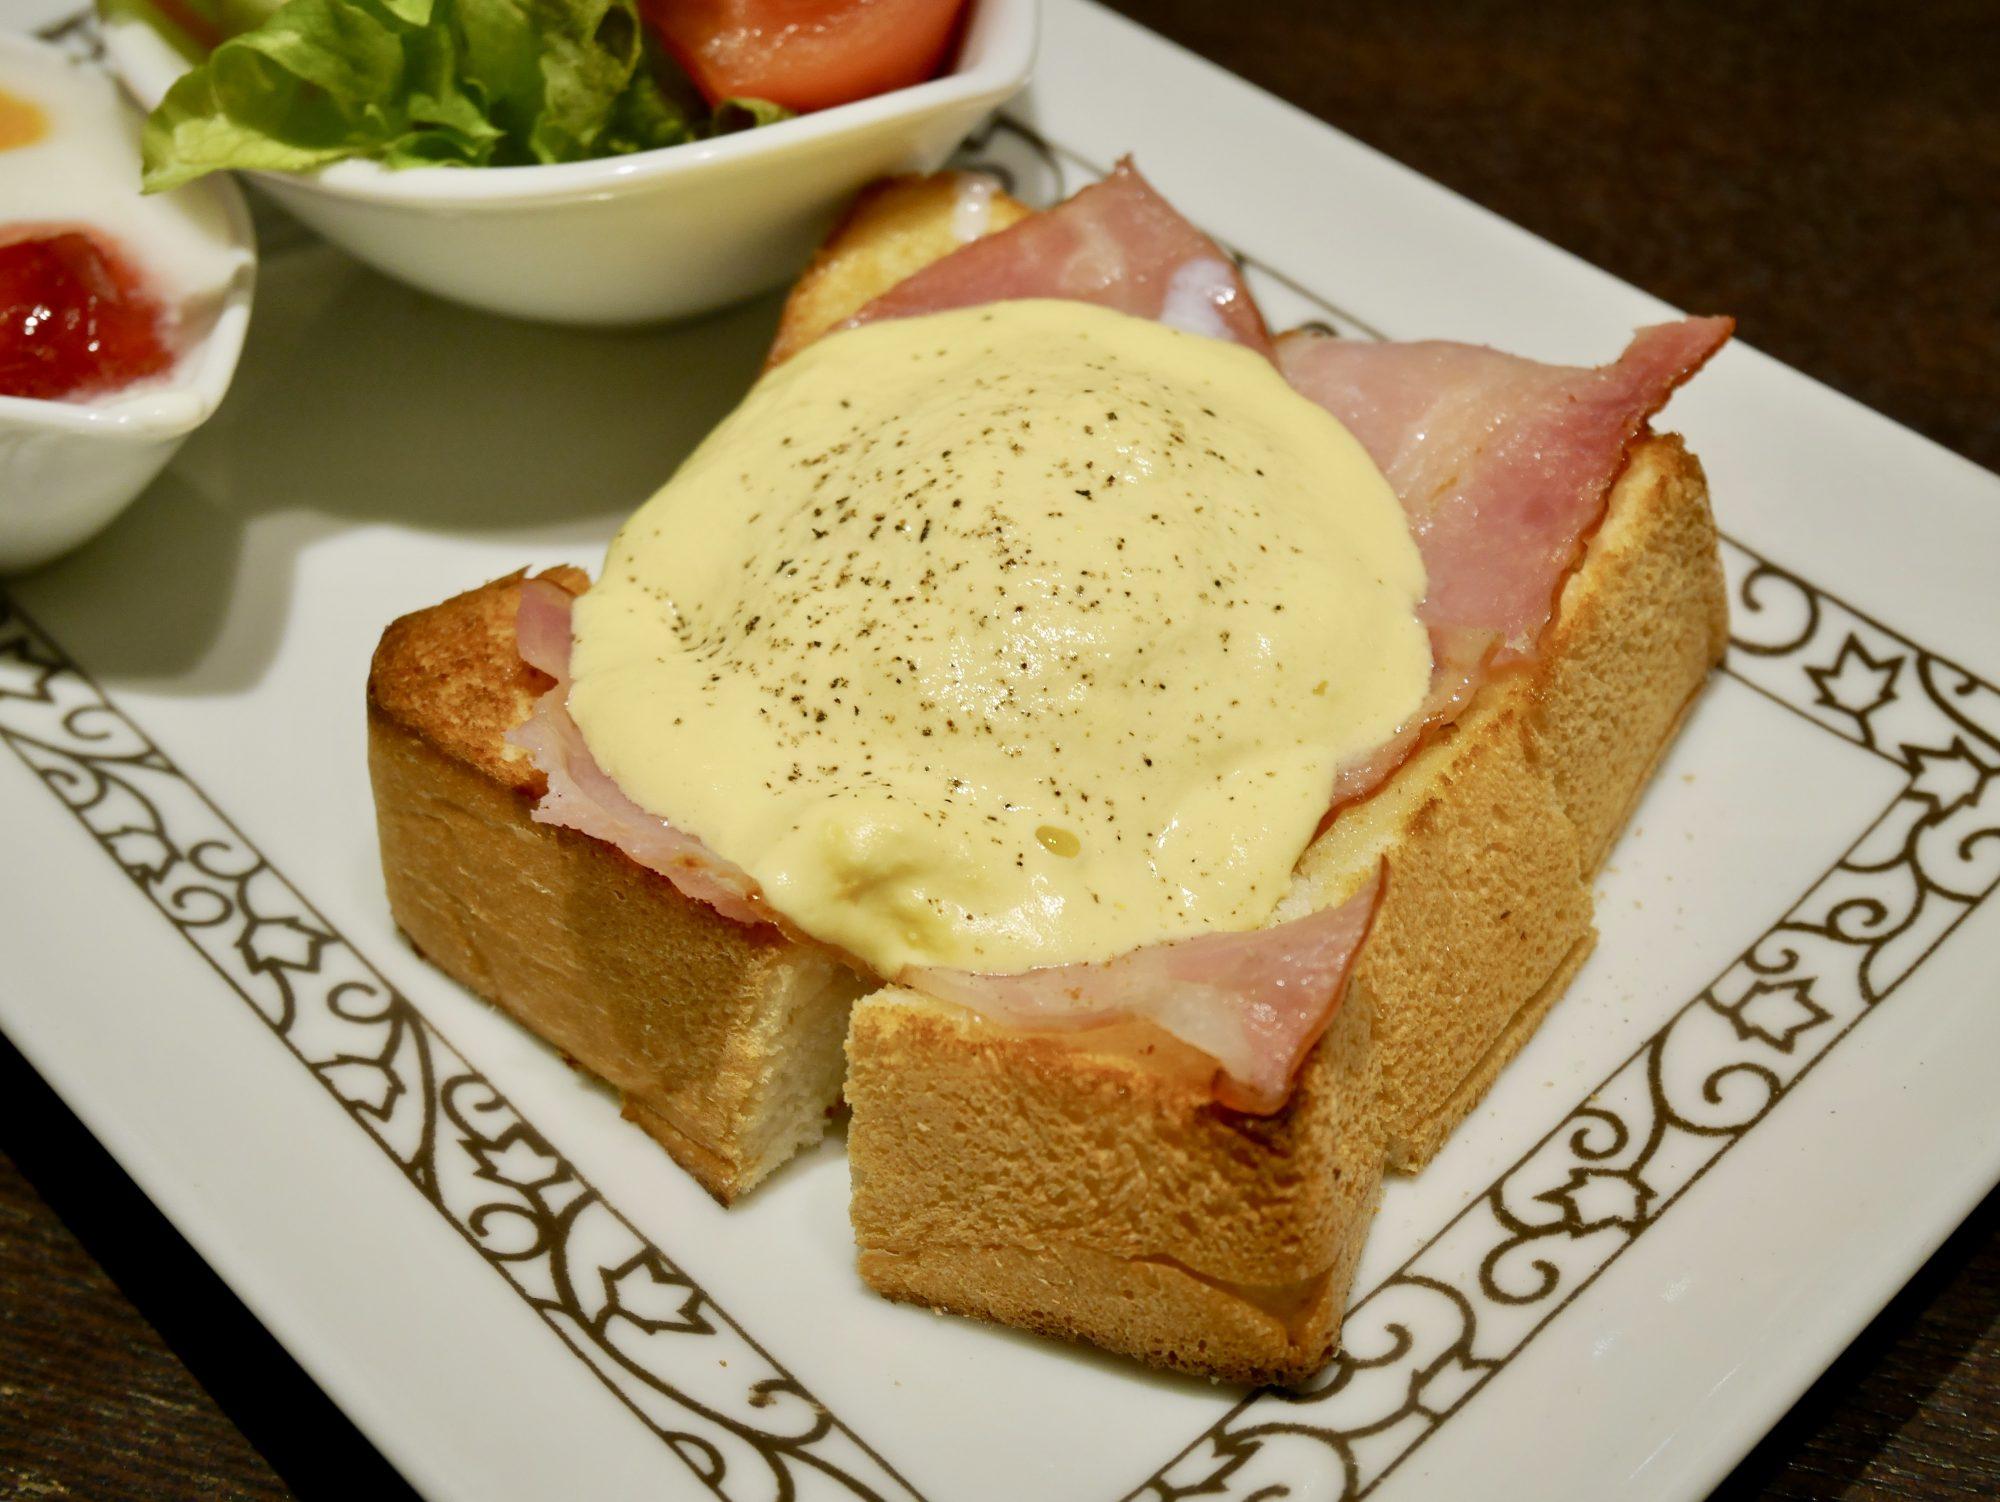 名古屋でモーニング!贅沢気分を味わえる元町珈琲のエッグベネディクト